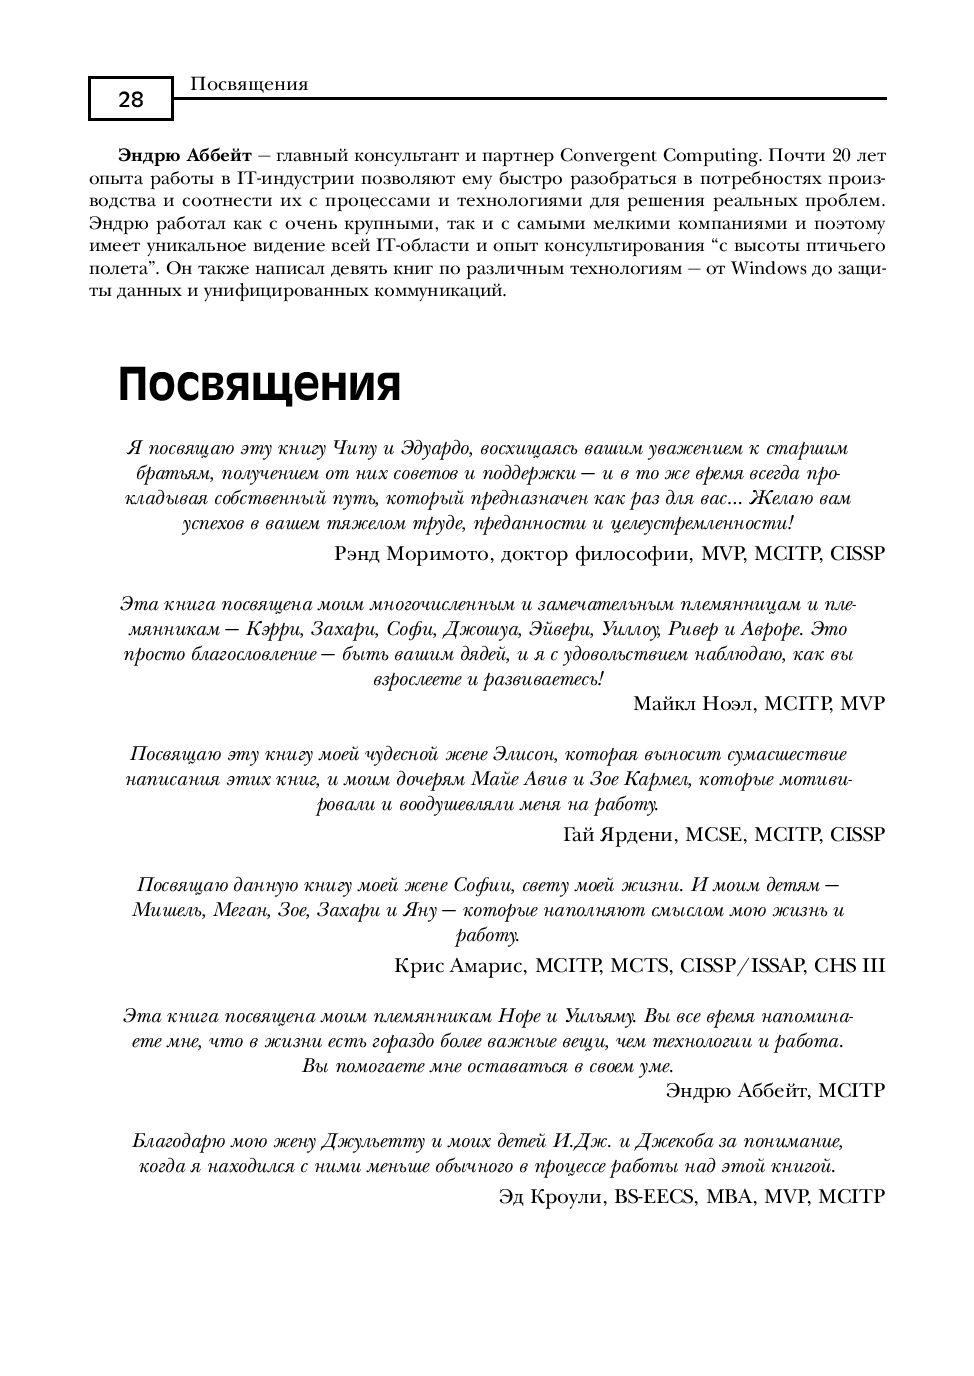 Книга microsoft exchange server 2010 полное руководство pdf скачать